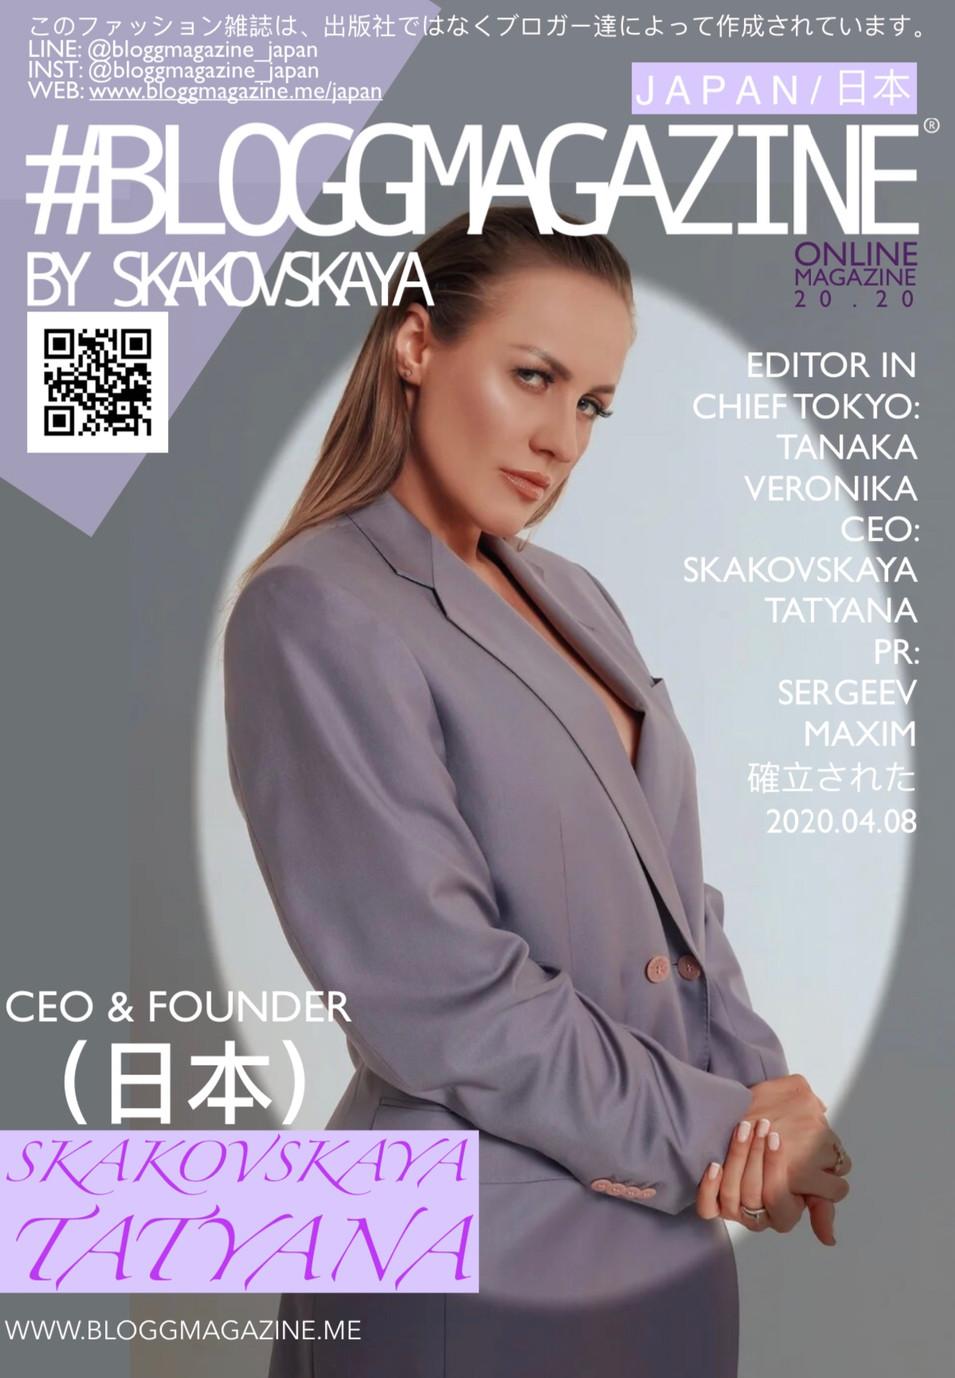 bloggmagazine_japan_skakovskaya.jpeg